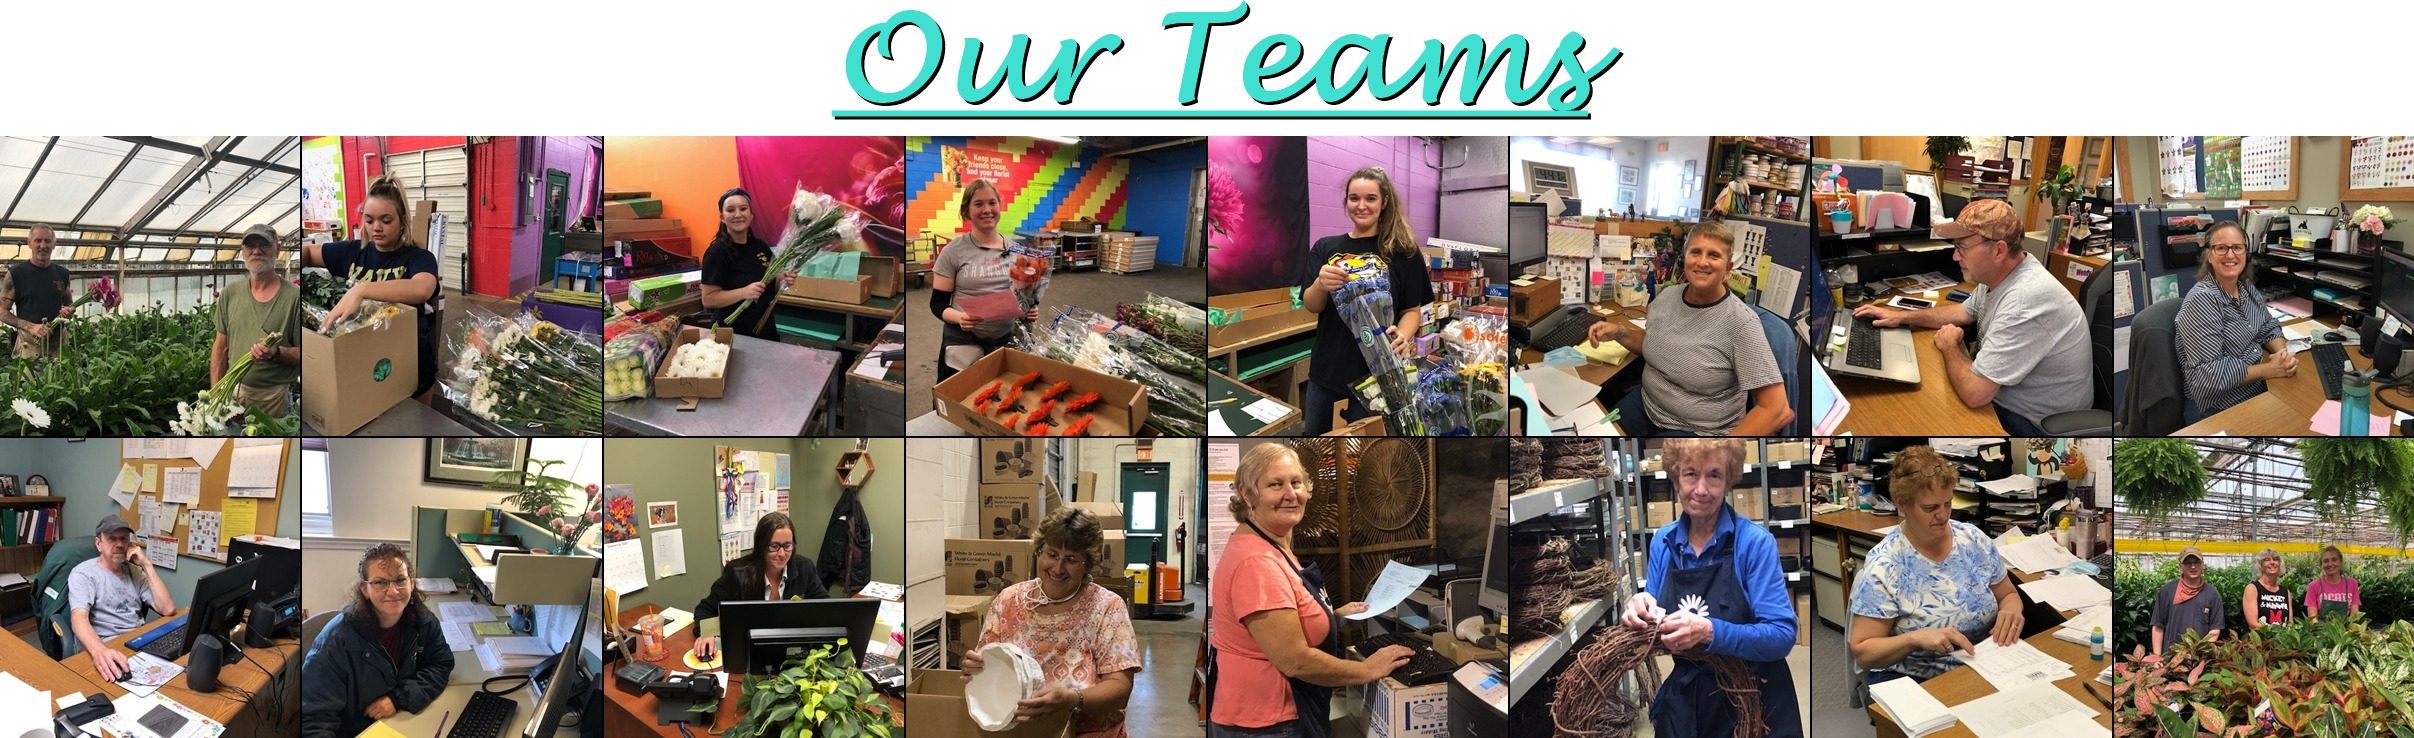 Our Teams